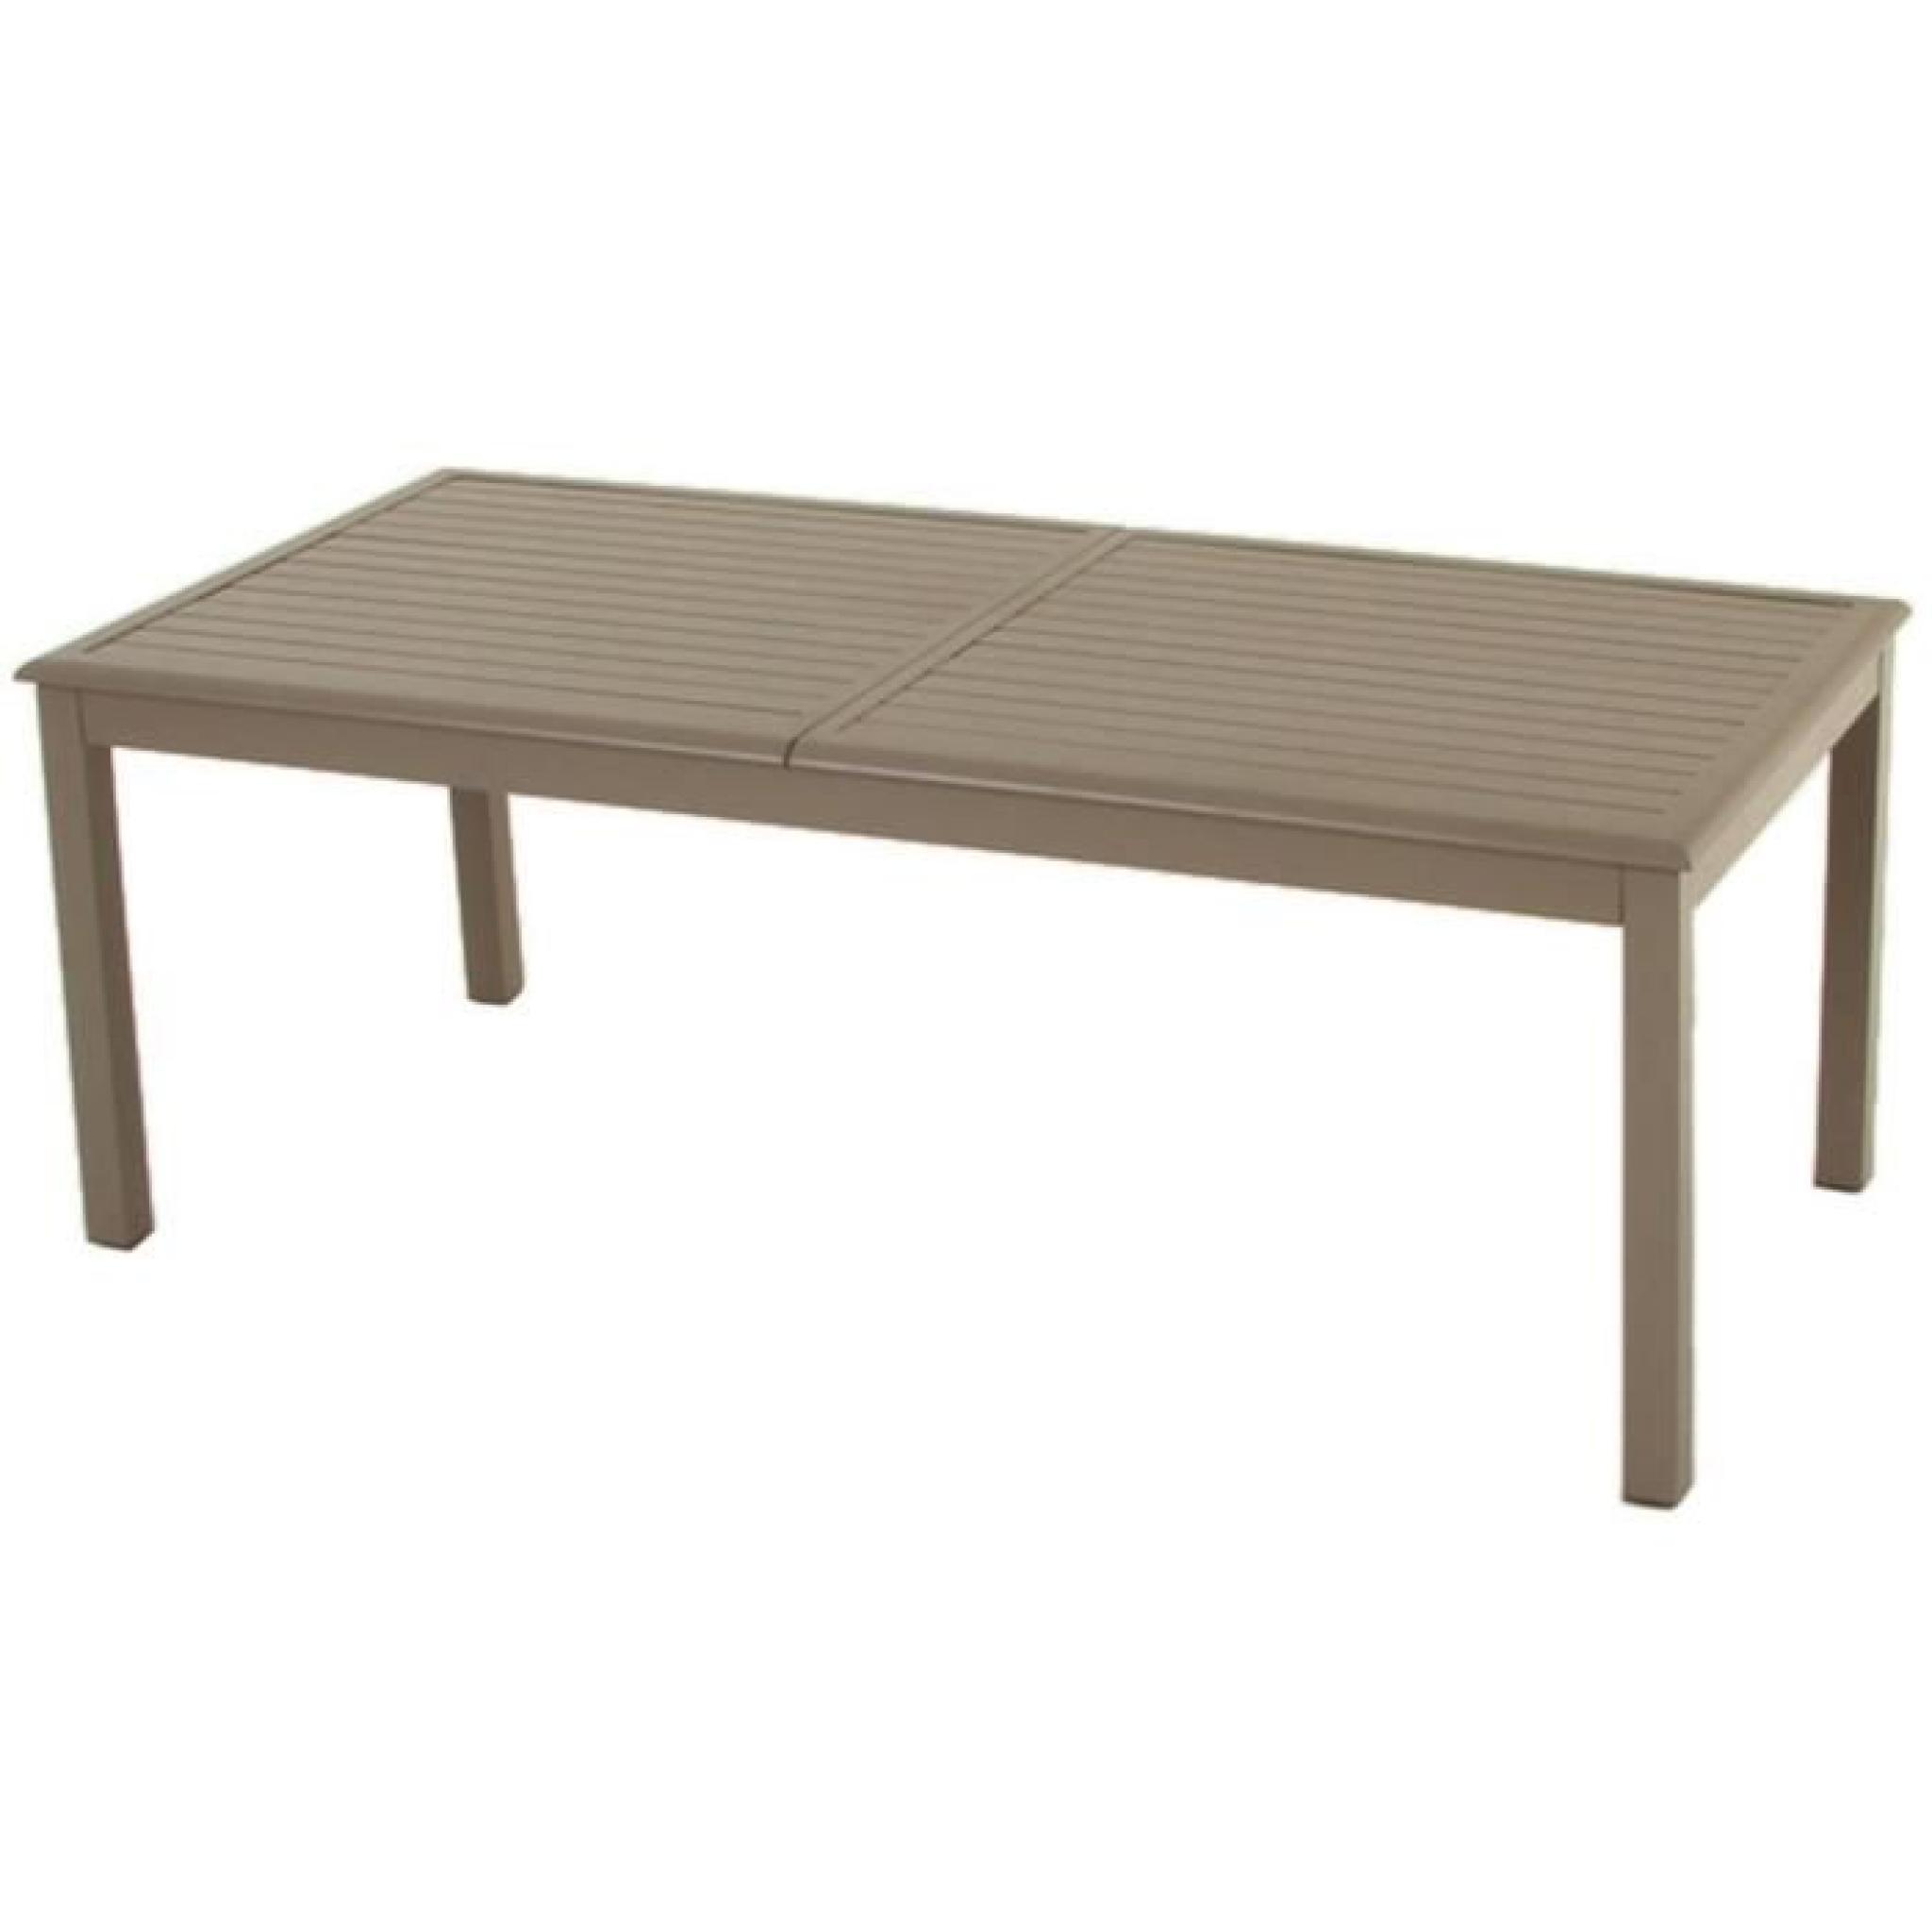 Table De Jardin Plastique Couleur Taupe | Chaise Jardin Couleur ...